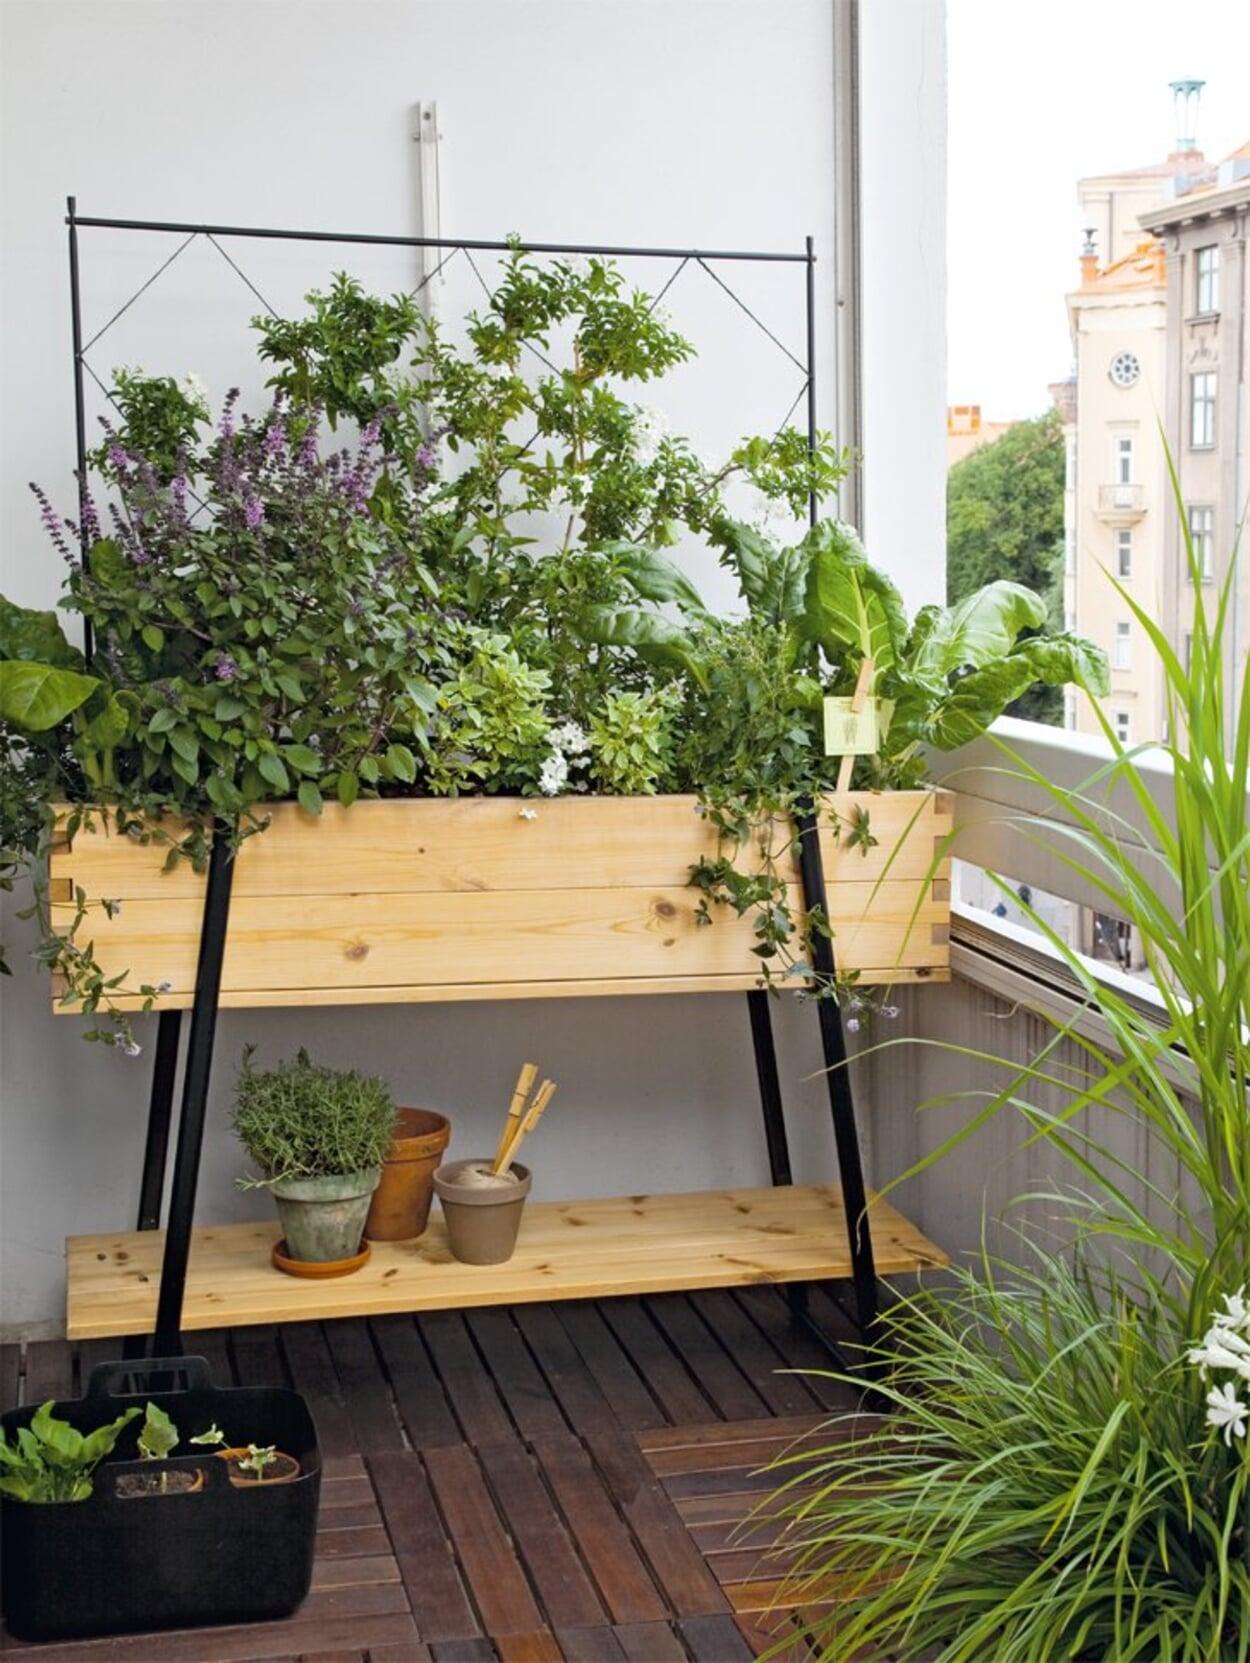 Balkonhochbbeet mit Gemüse und Kräutern